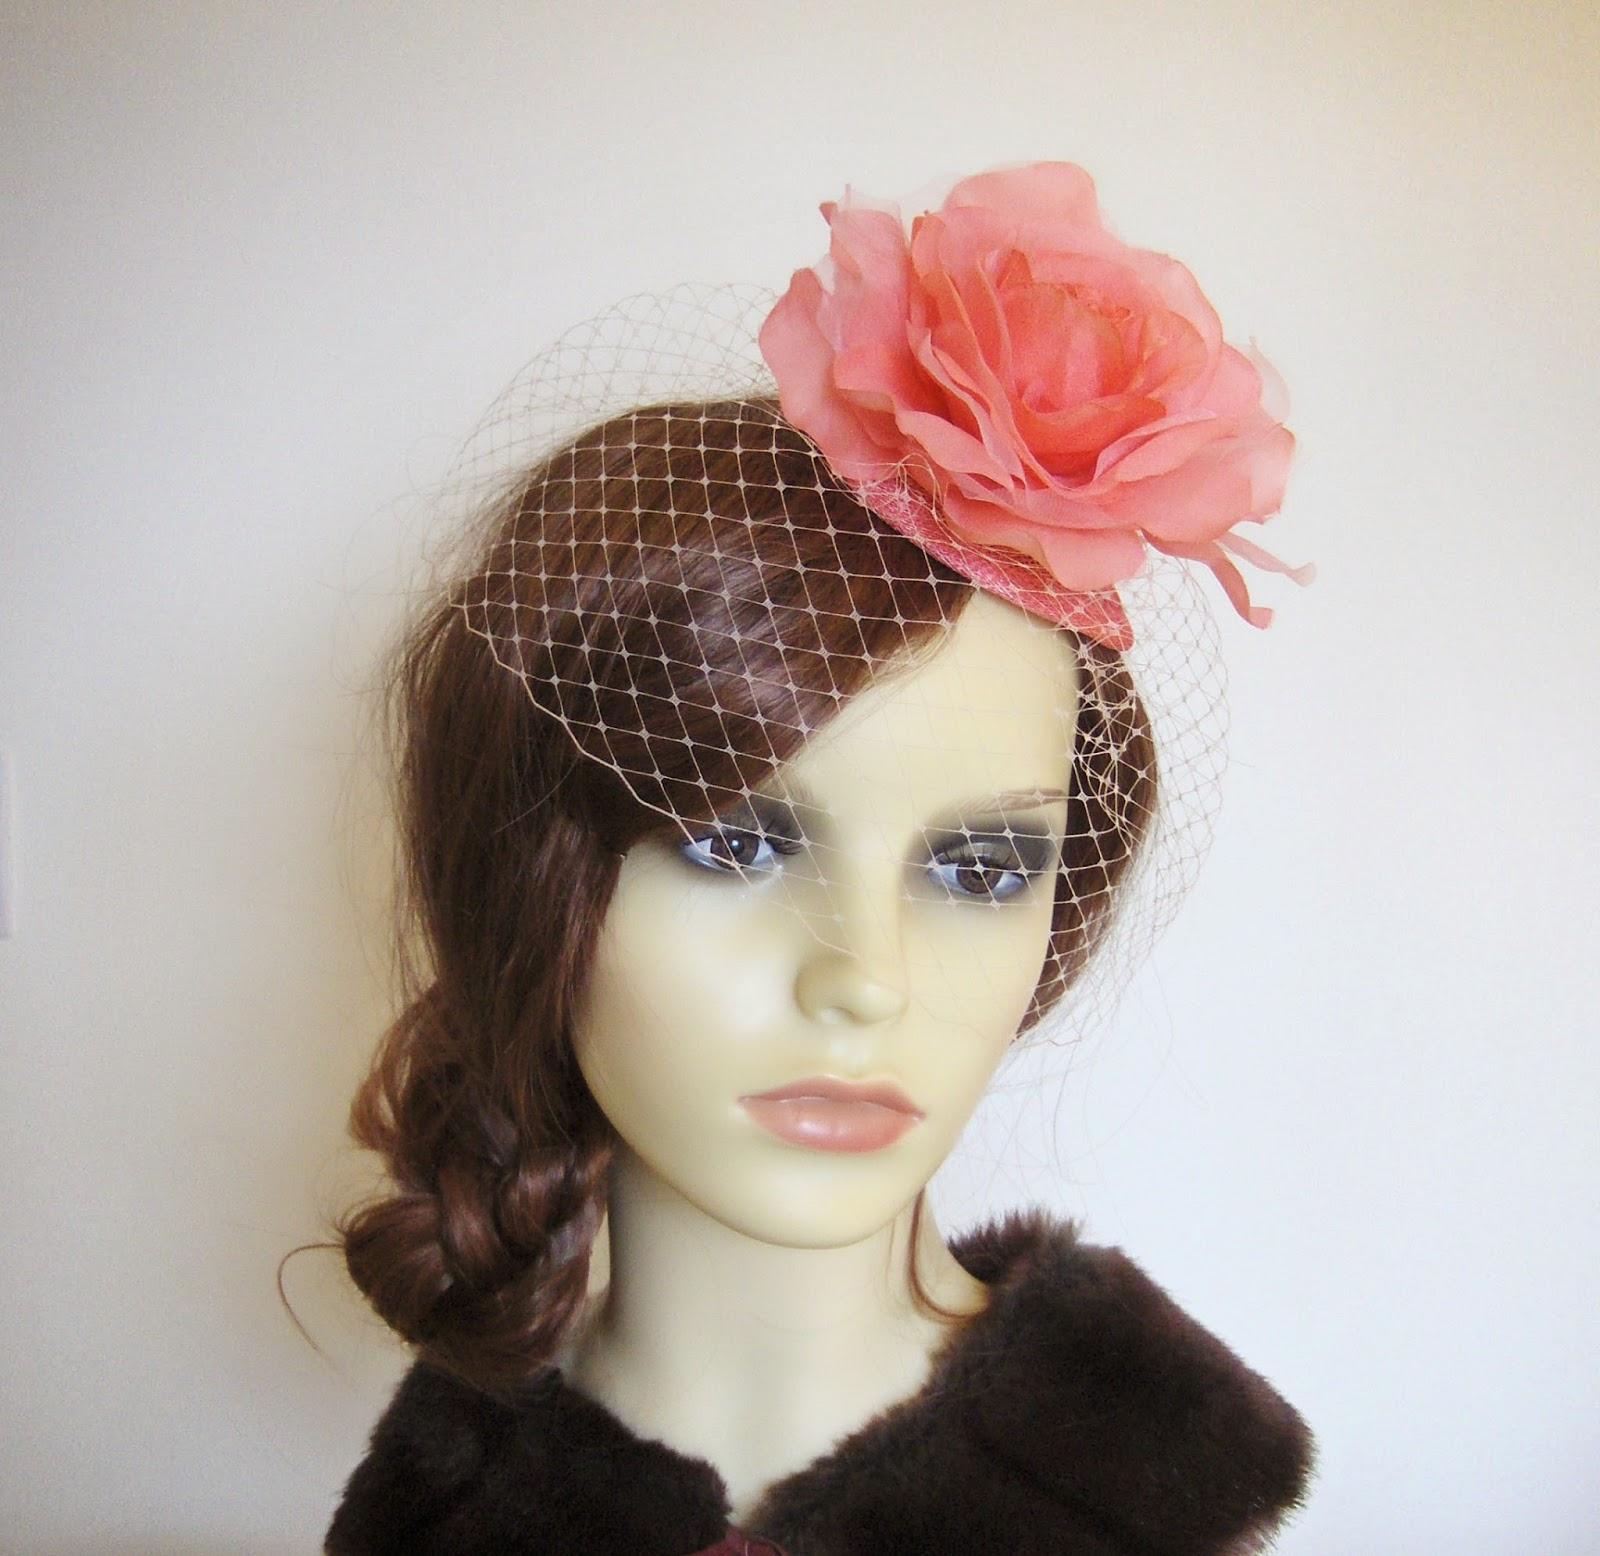 http://folksy.com/items/5669911-Flamingo-peach-rose-fascinator-